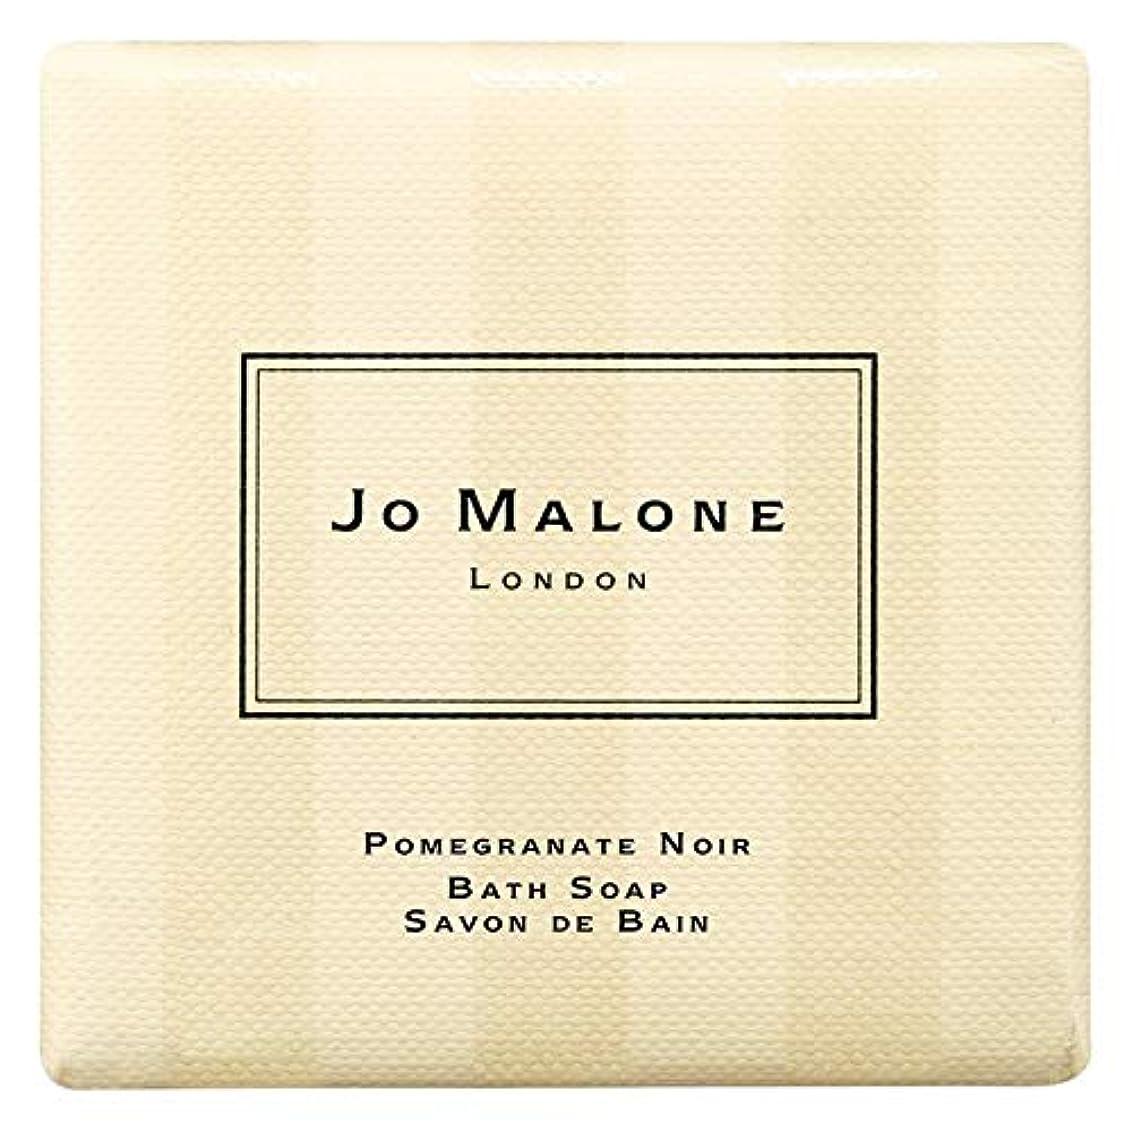 舌な切断するベーカリー[Jo Malone] ジョーマローンロンドンザクロノワール入浴石鹸100グラム - Jo Malone London Pomegranate Noir Bath Soap 100g [並行輸入品]